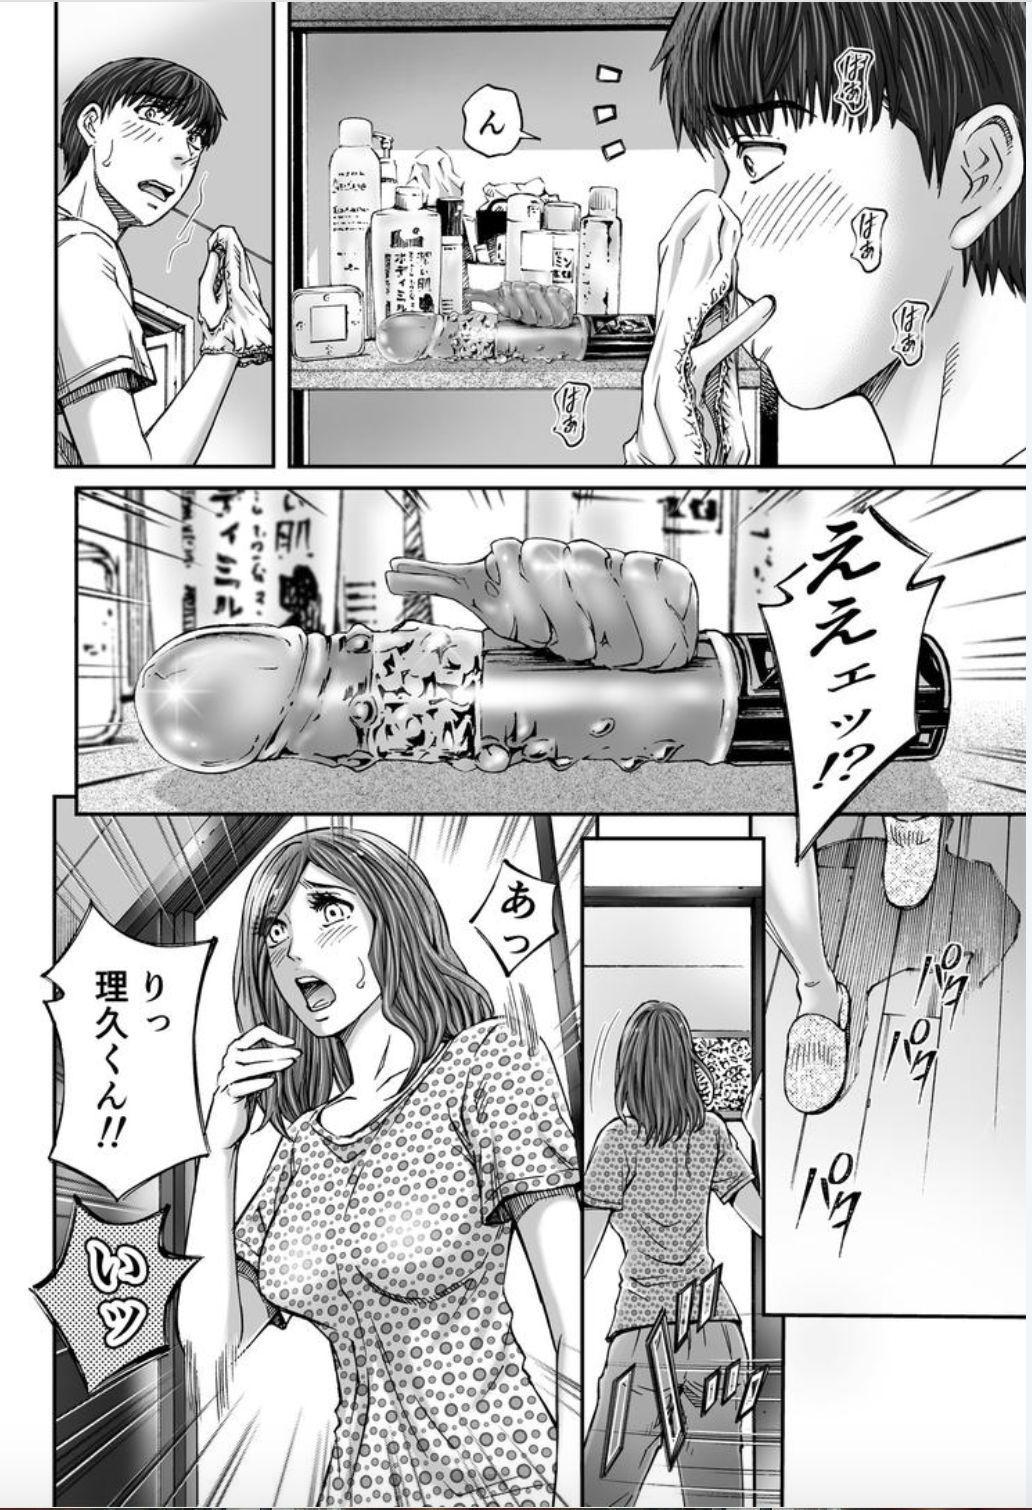 Seisyoku Dance Hitodzuma no chitsueki ni mamirete 1-2 17